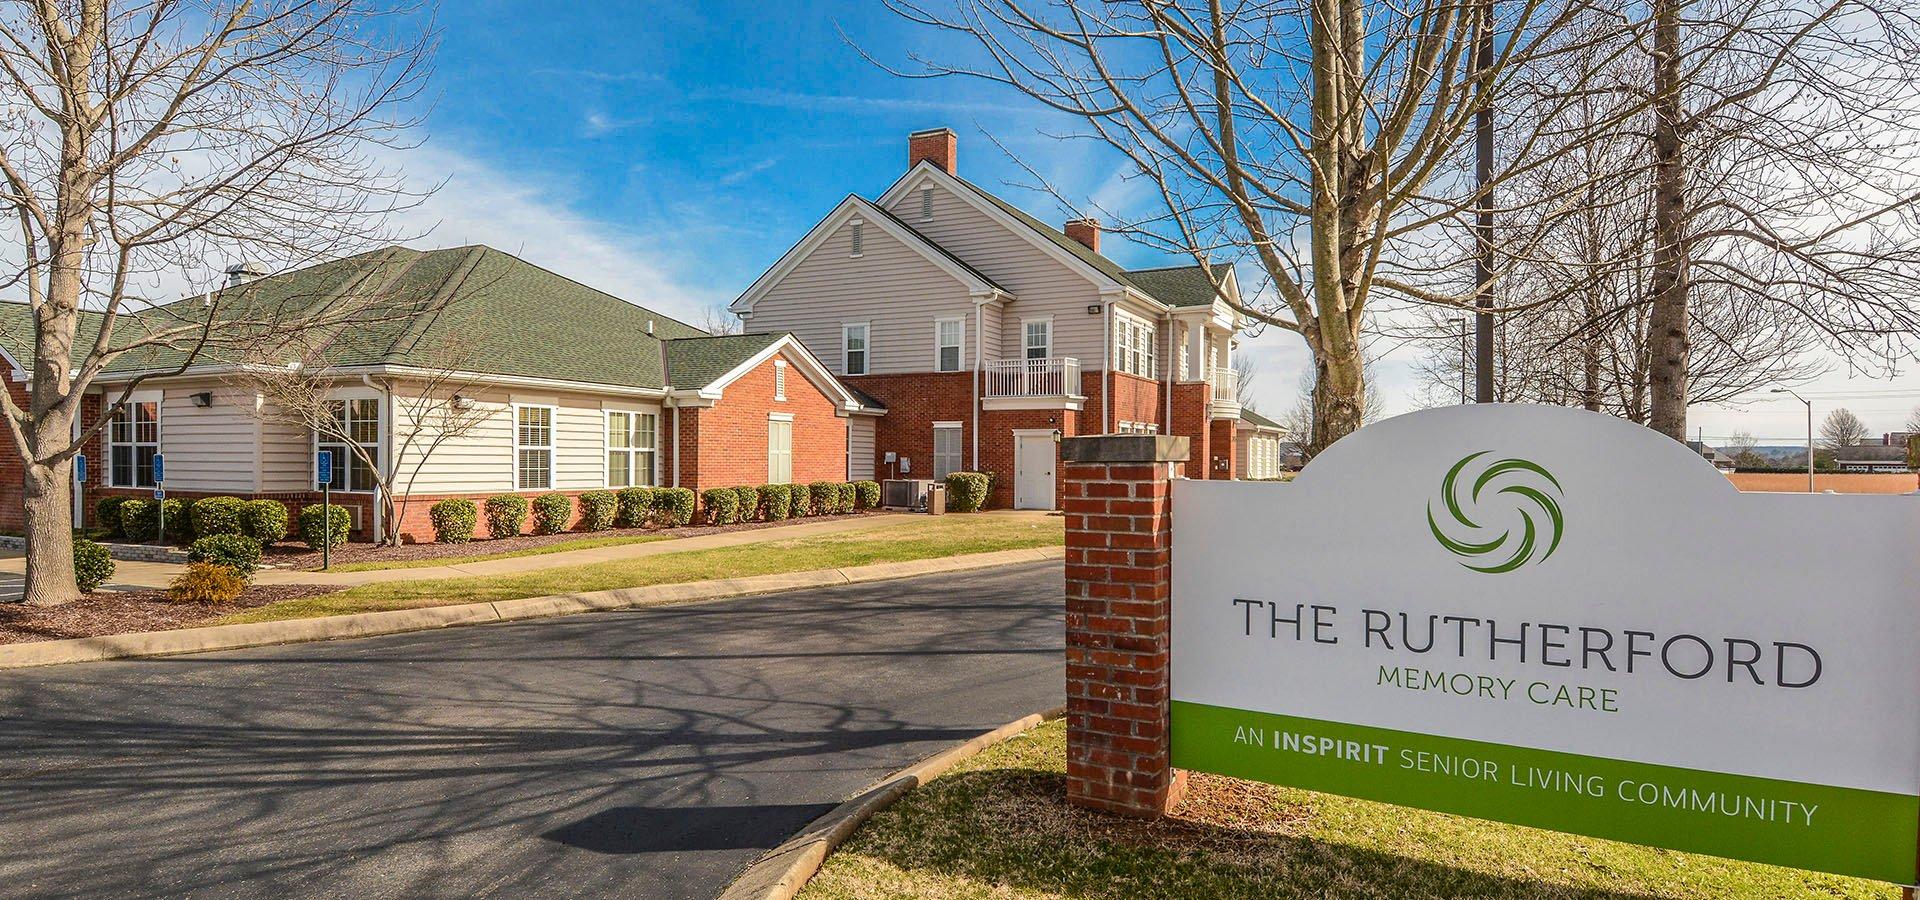 The Rutherford Senior Living Community | Murfreesboro, TN